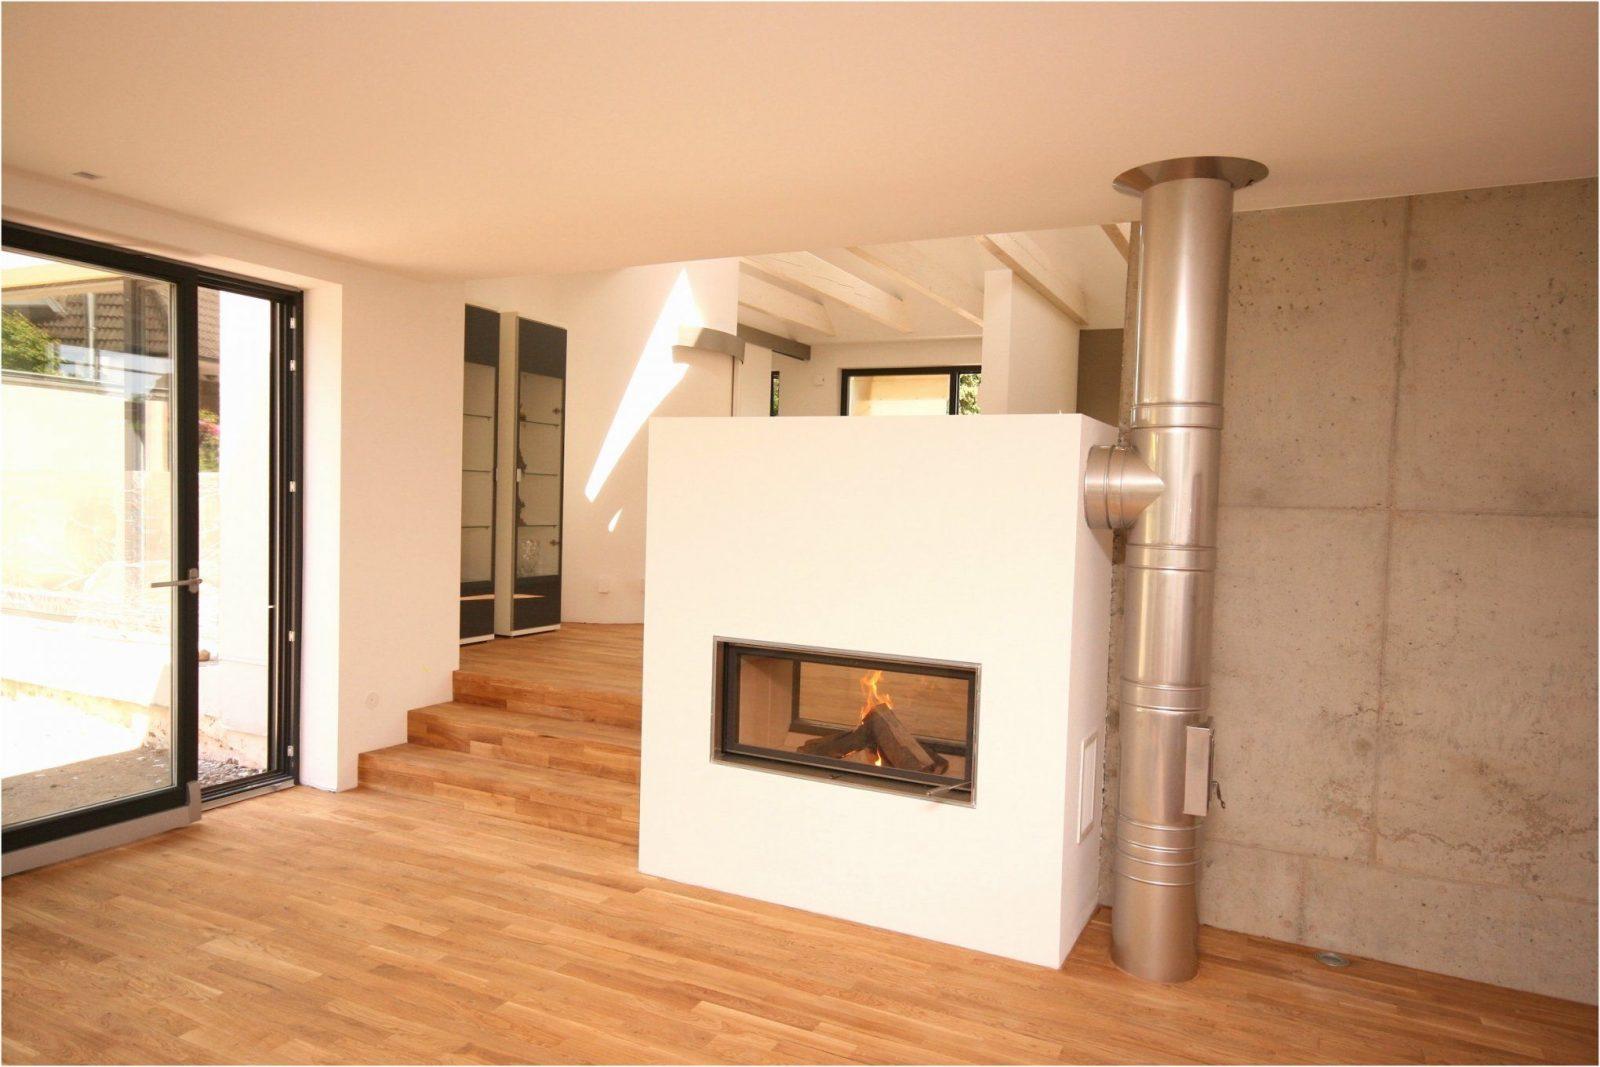 kosten kamin nachtr glich einbauen haus design ideen. Black Bedroom Furniture Sets. Home Design Ideas